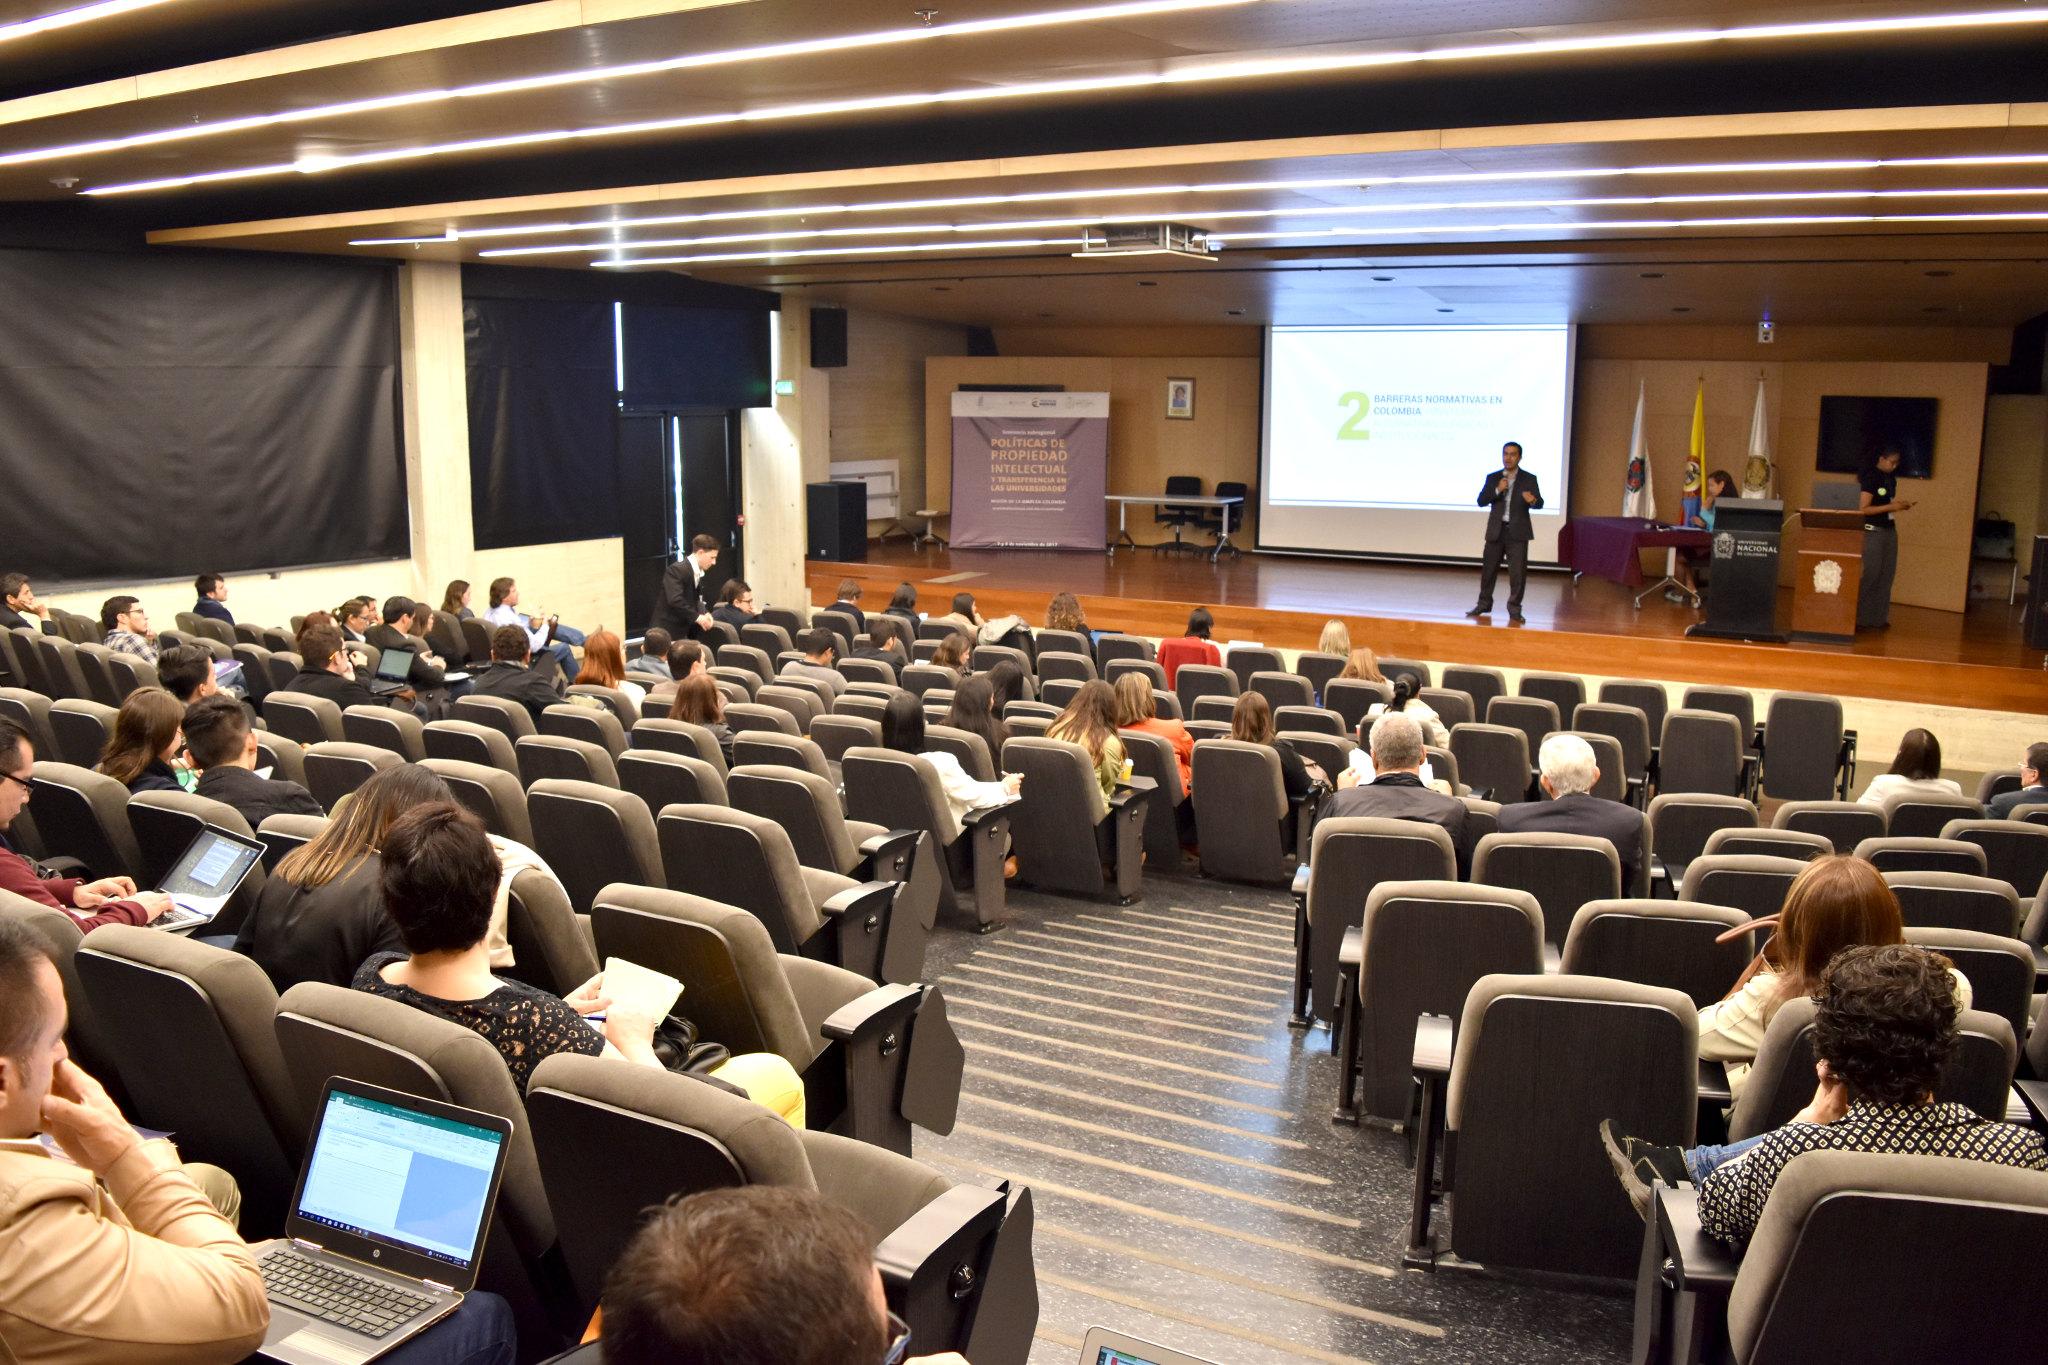 Posibilidades para las universidades públicas tras la promulgación de la Ley 1838 de 2007 ('Spin-off')  (Foto: Andrés Barriga / Vicerrectoría de Investigación, Universidad Nacional de Colombia)